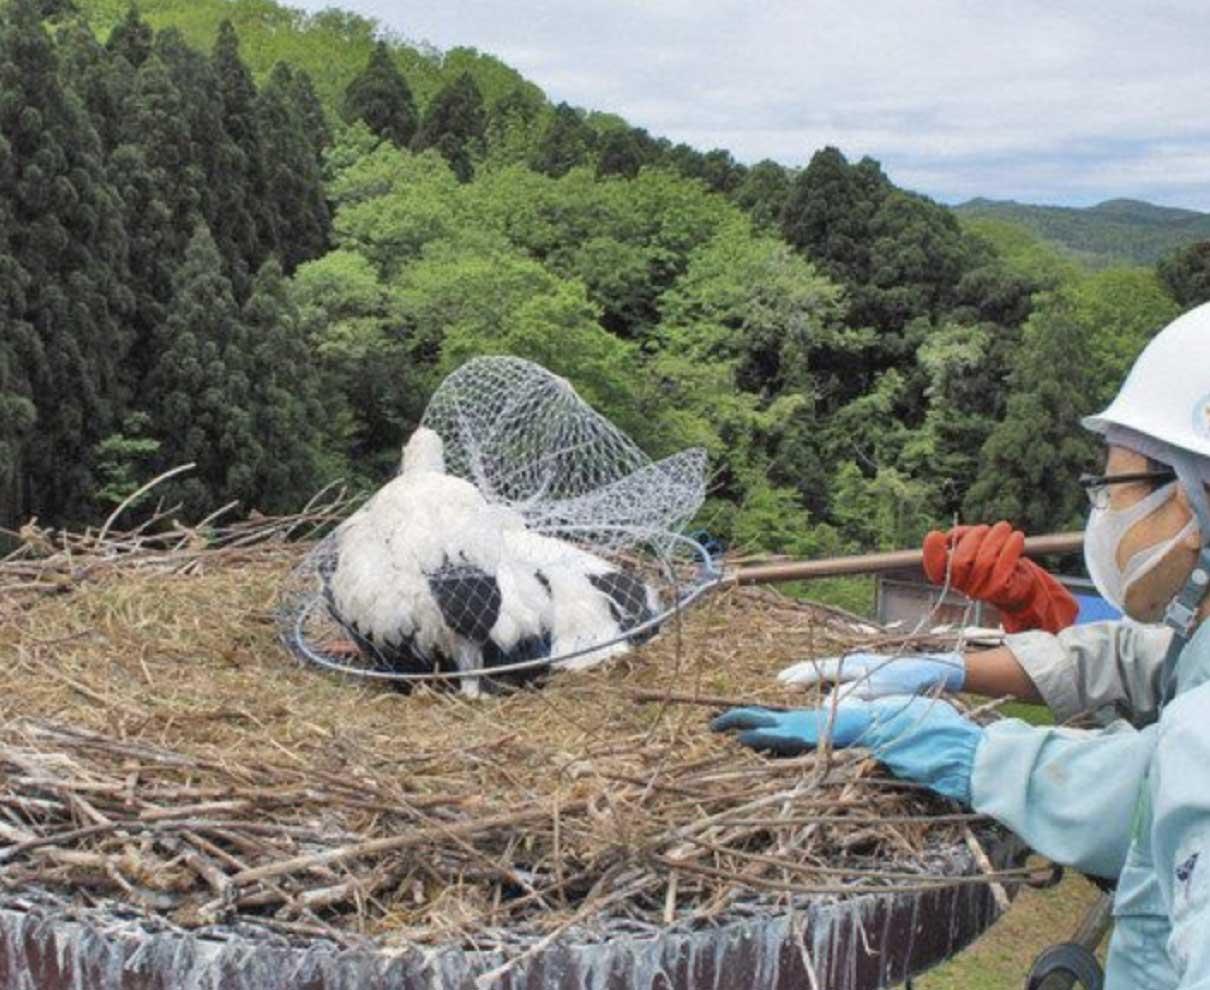 コウノトリひなに足環 越前市 1羽けが 治療へ保護